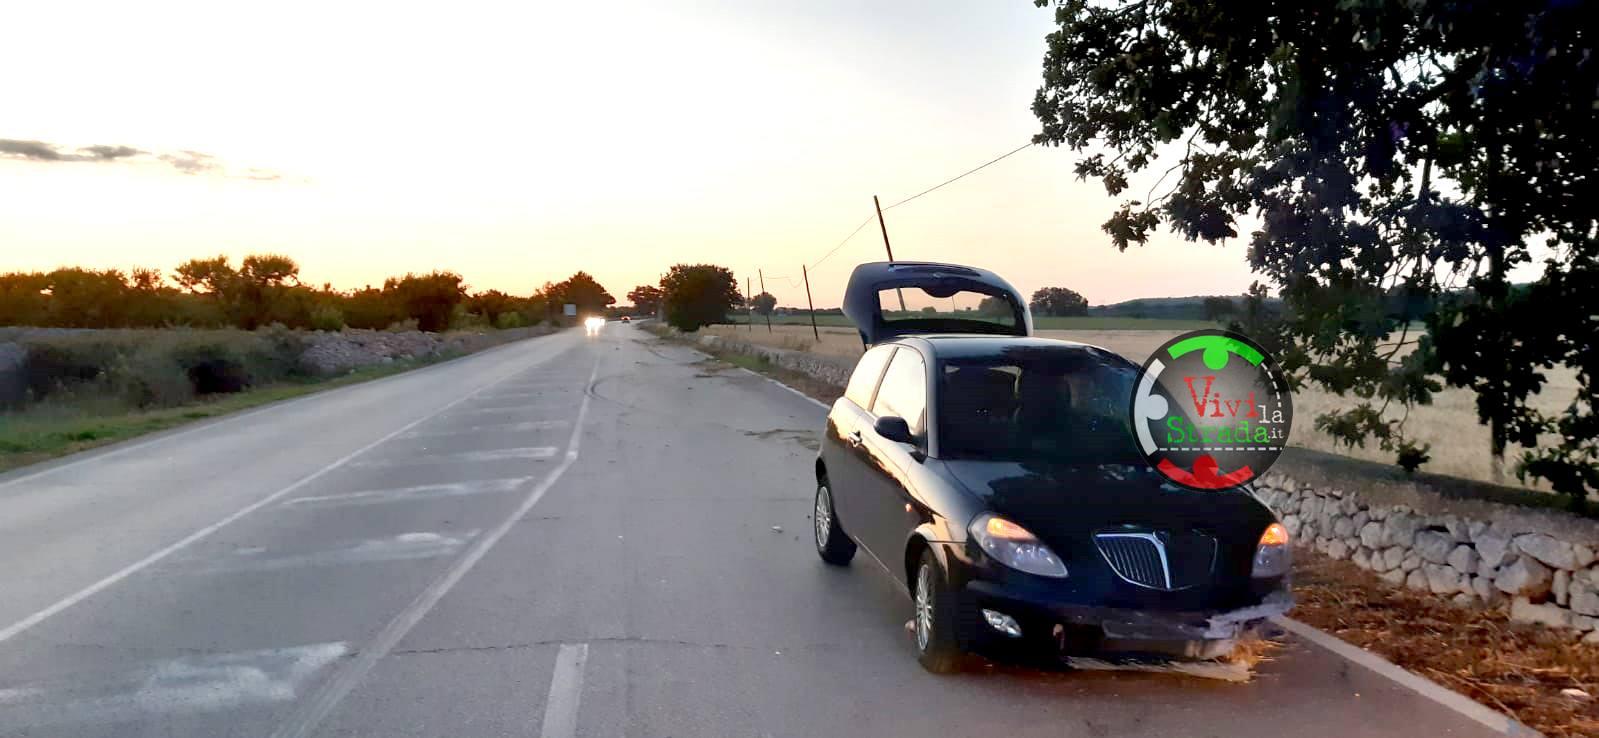 Provincia di Bari, donna ha colpo di sonno e finisce fuori strada, si ferisce gravemente al volto per un ramo di quercia